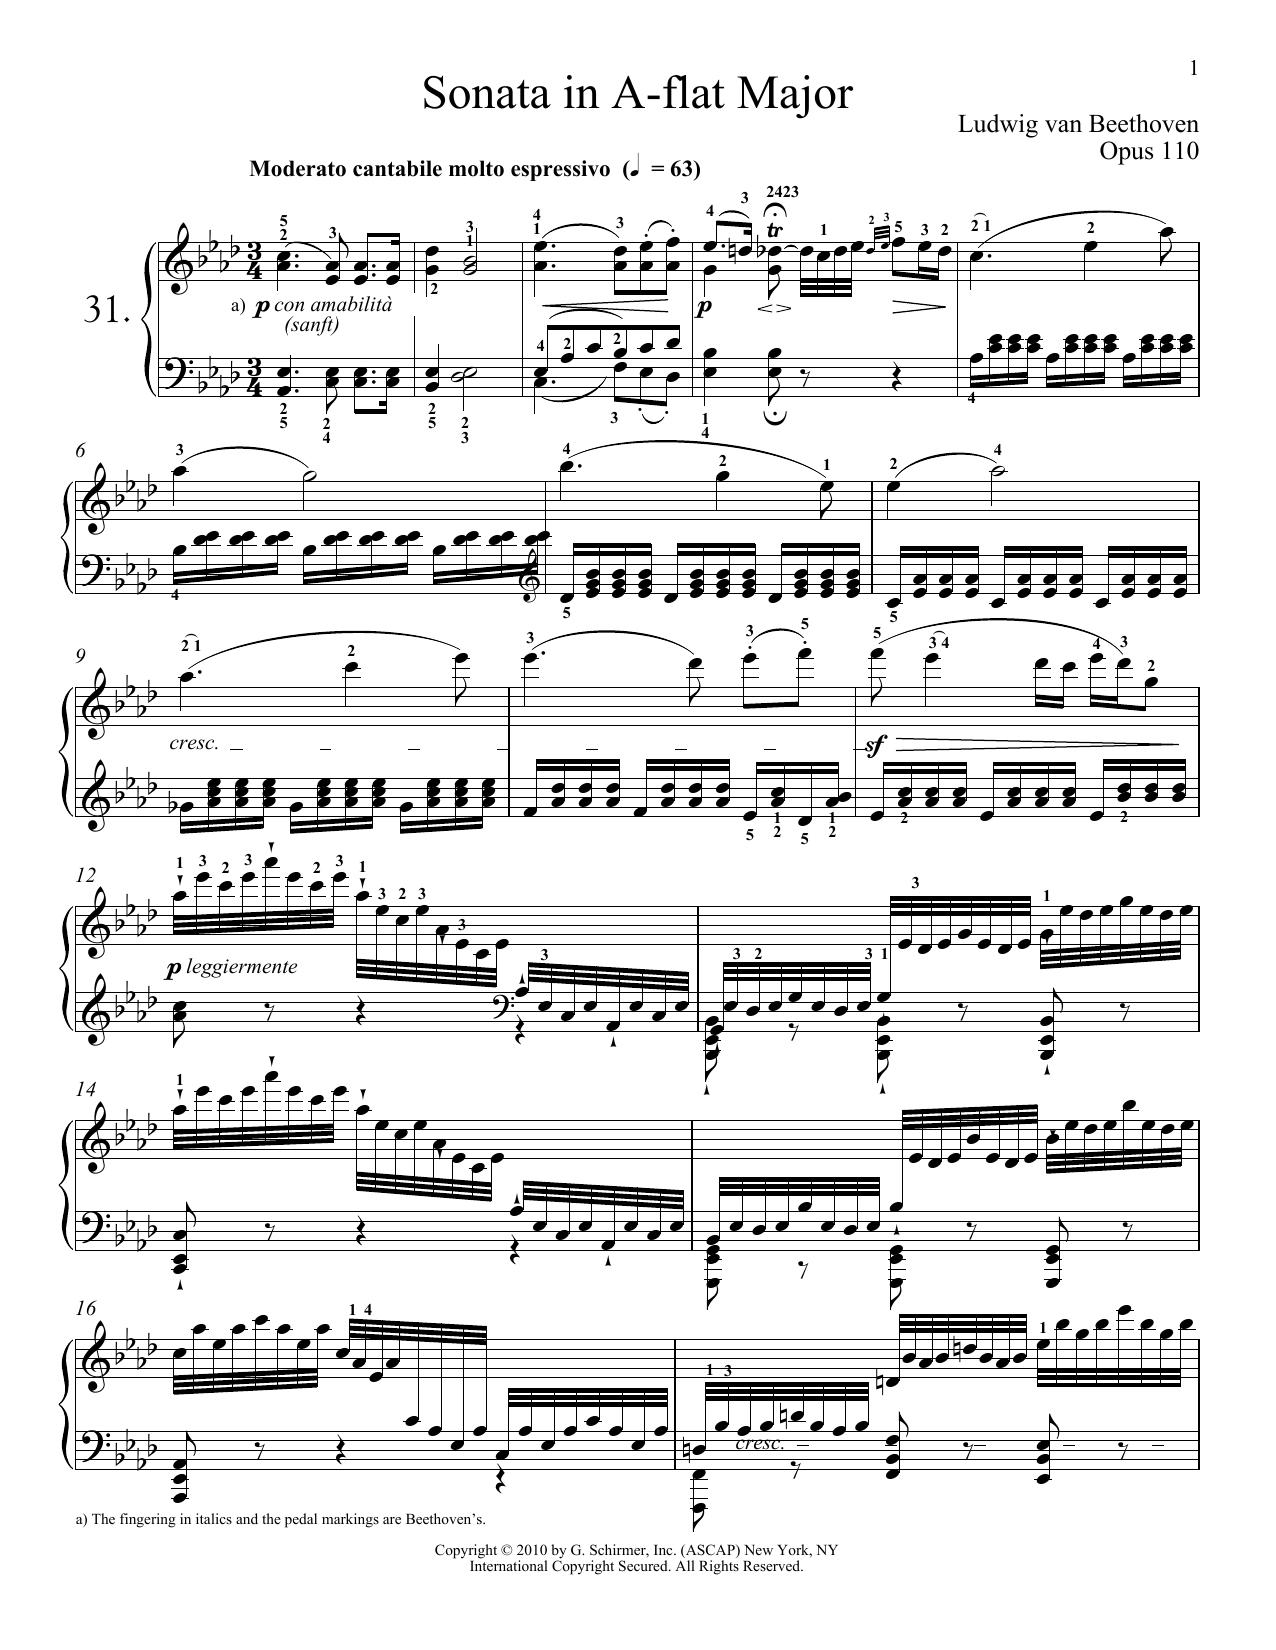 Piano Sonata No. 31 In A-flat Major, Op. 110 Partituras Digitales